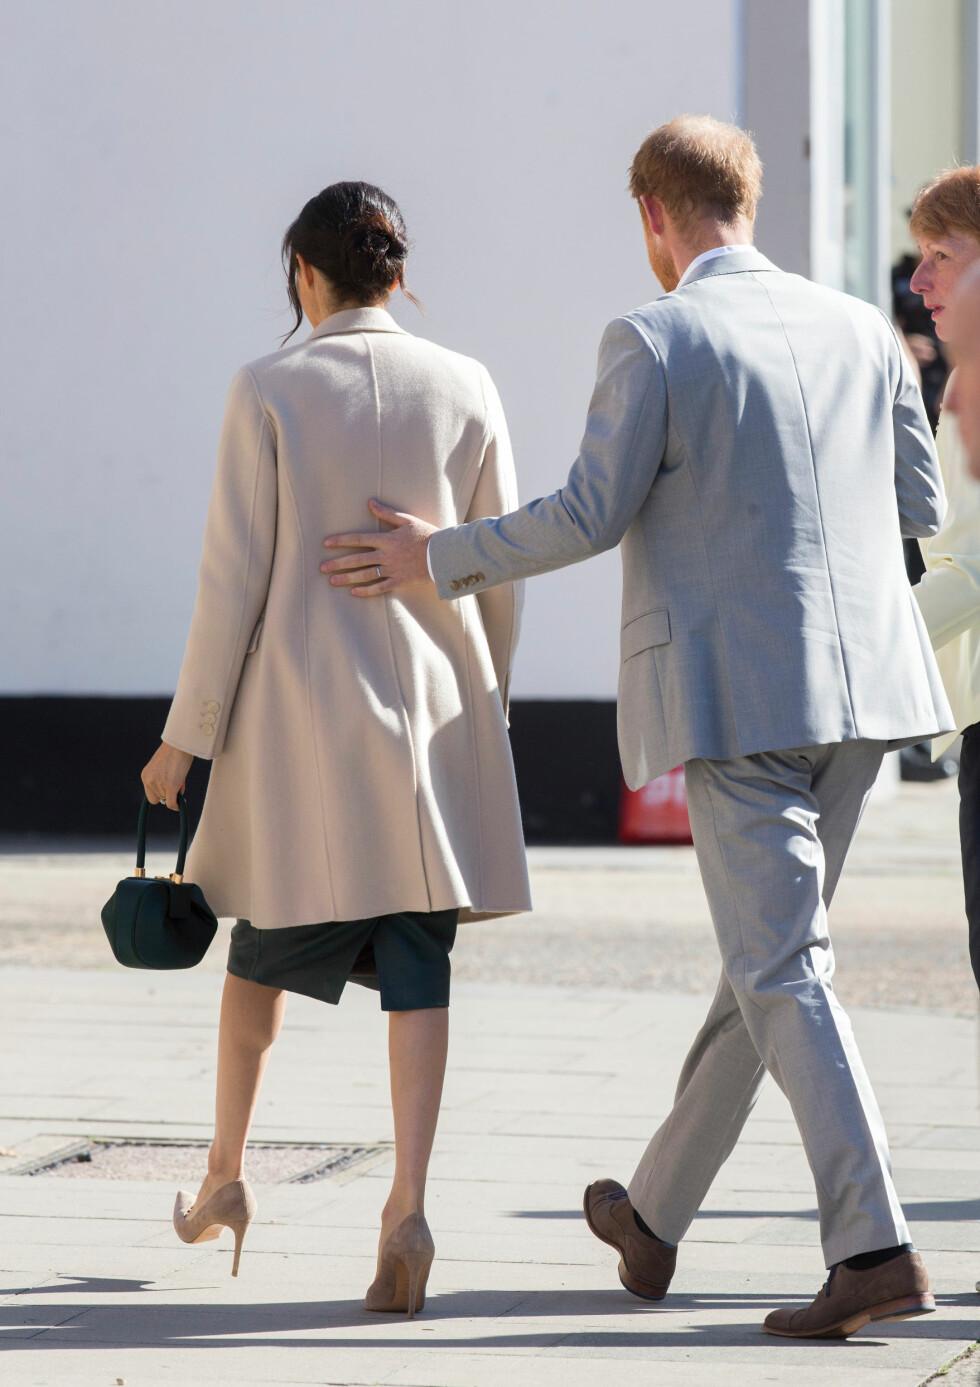 PASSET PÅ KONA: Prins Harry la en beskyttende arm på sin kone under besøket i Sussex. FOTO: NTB Scanpix